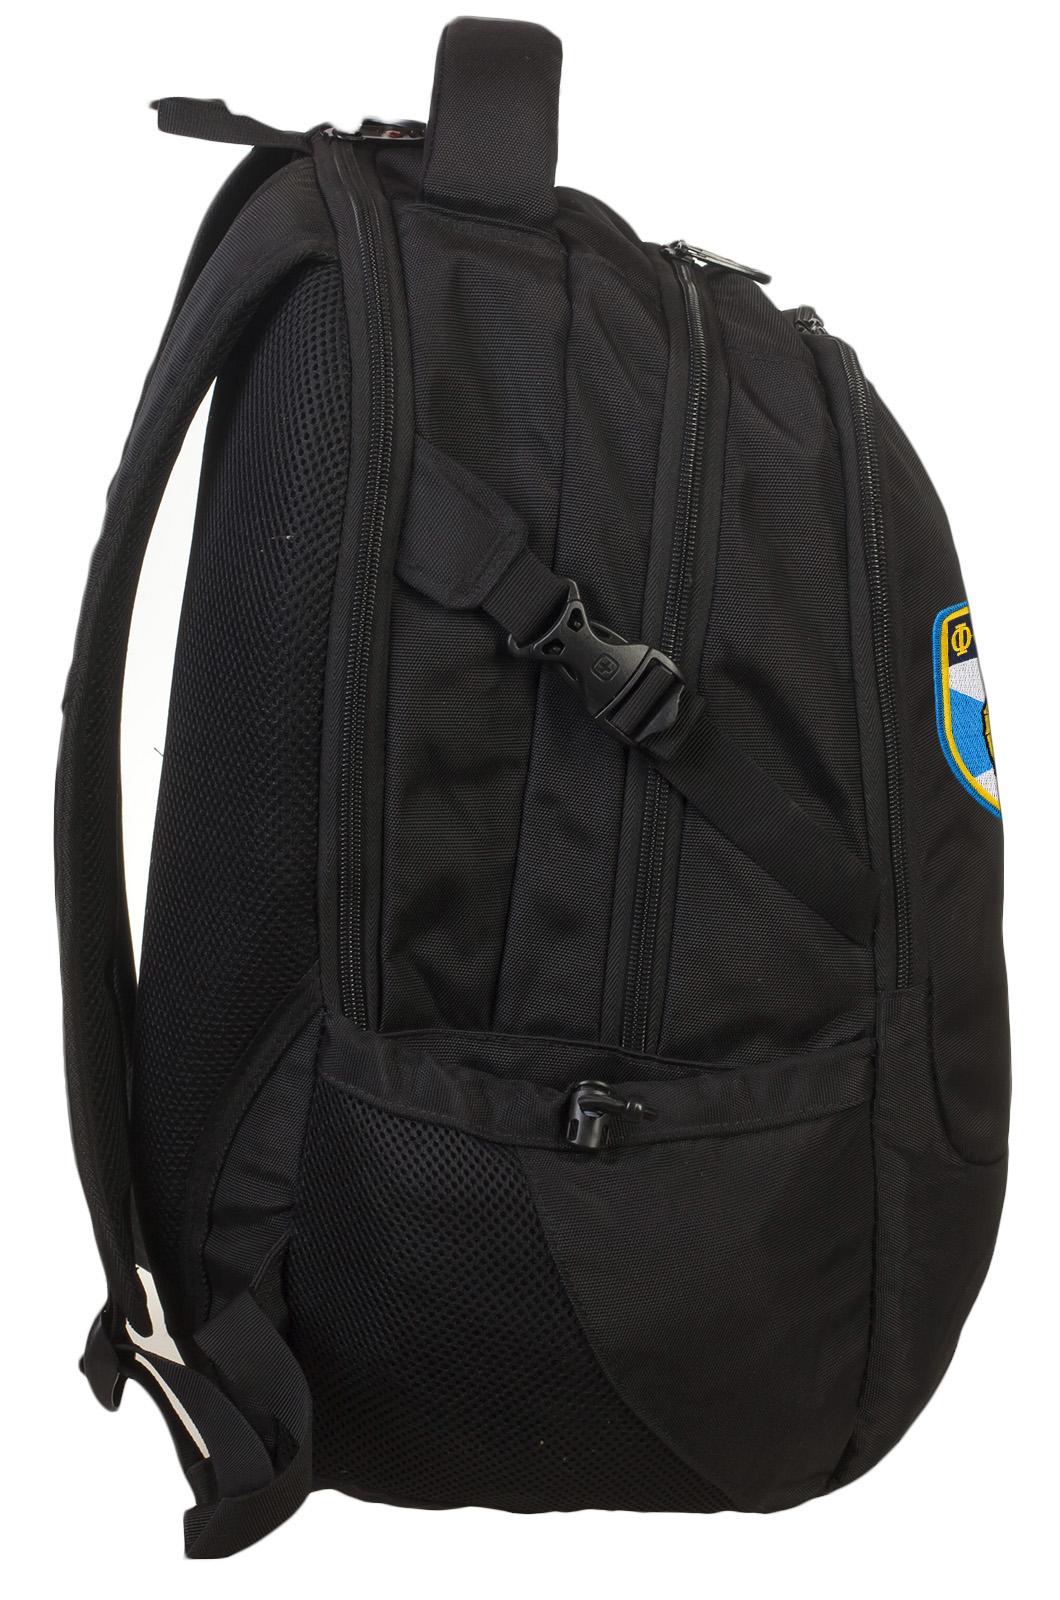 Зачетный внушительный рюкзак с нашивкой ФСО России - купить онлайн